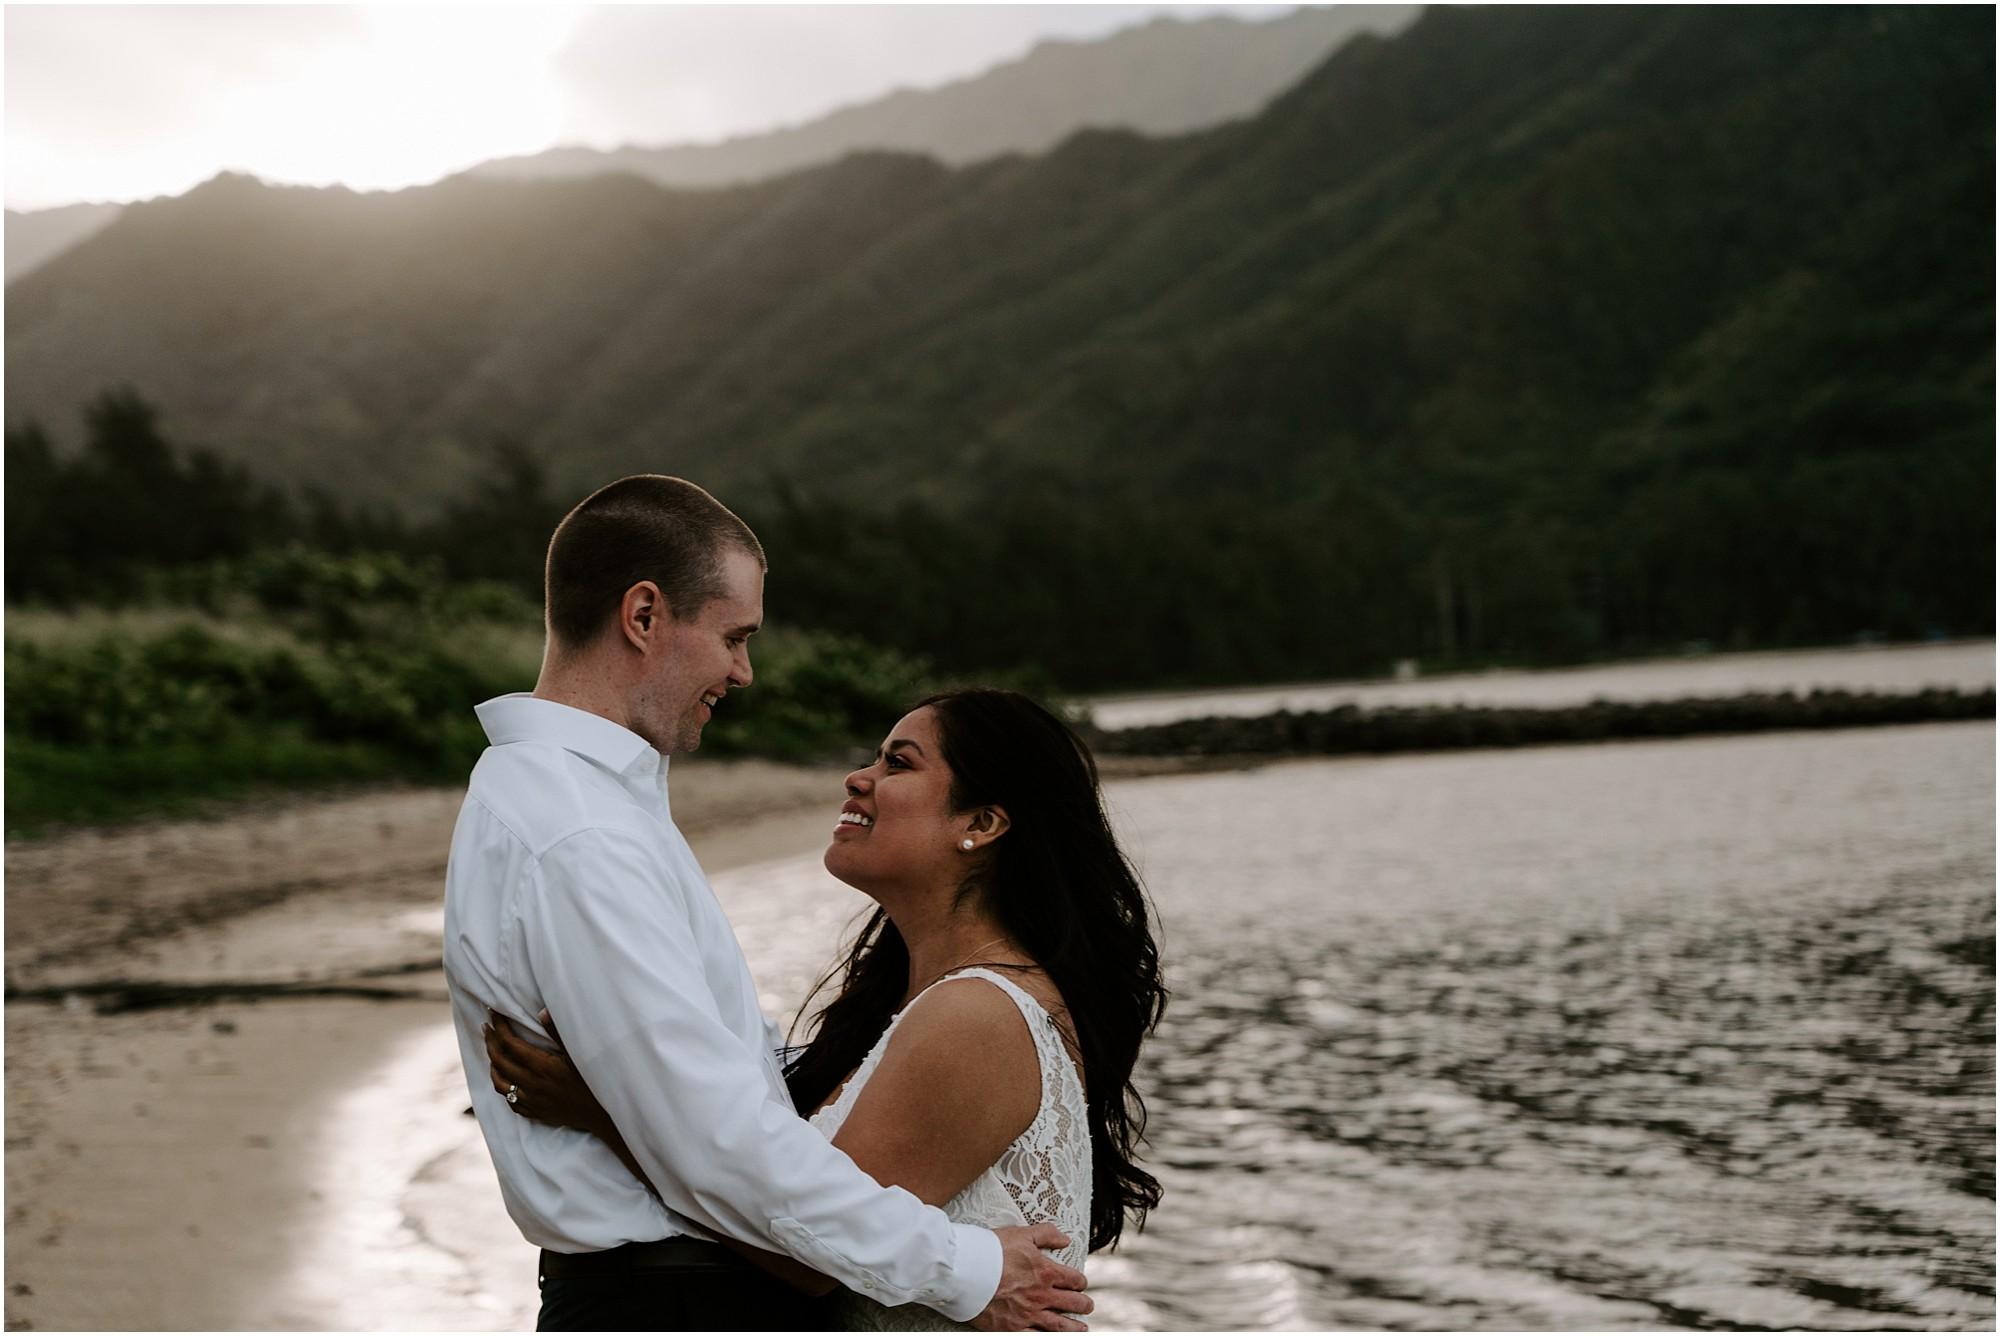 oahu-intimate-bridal-adventure-session_0020.jpg